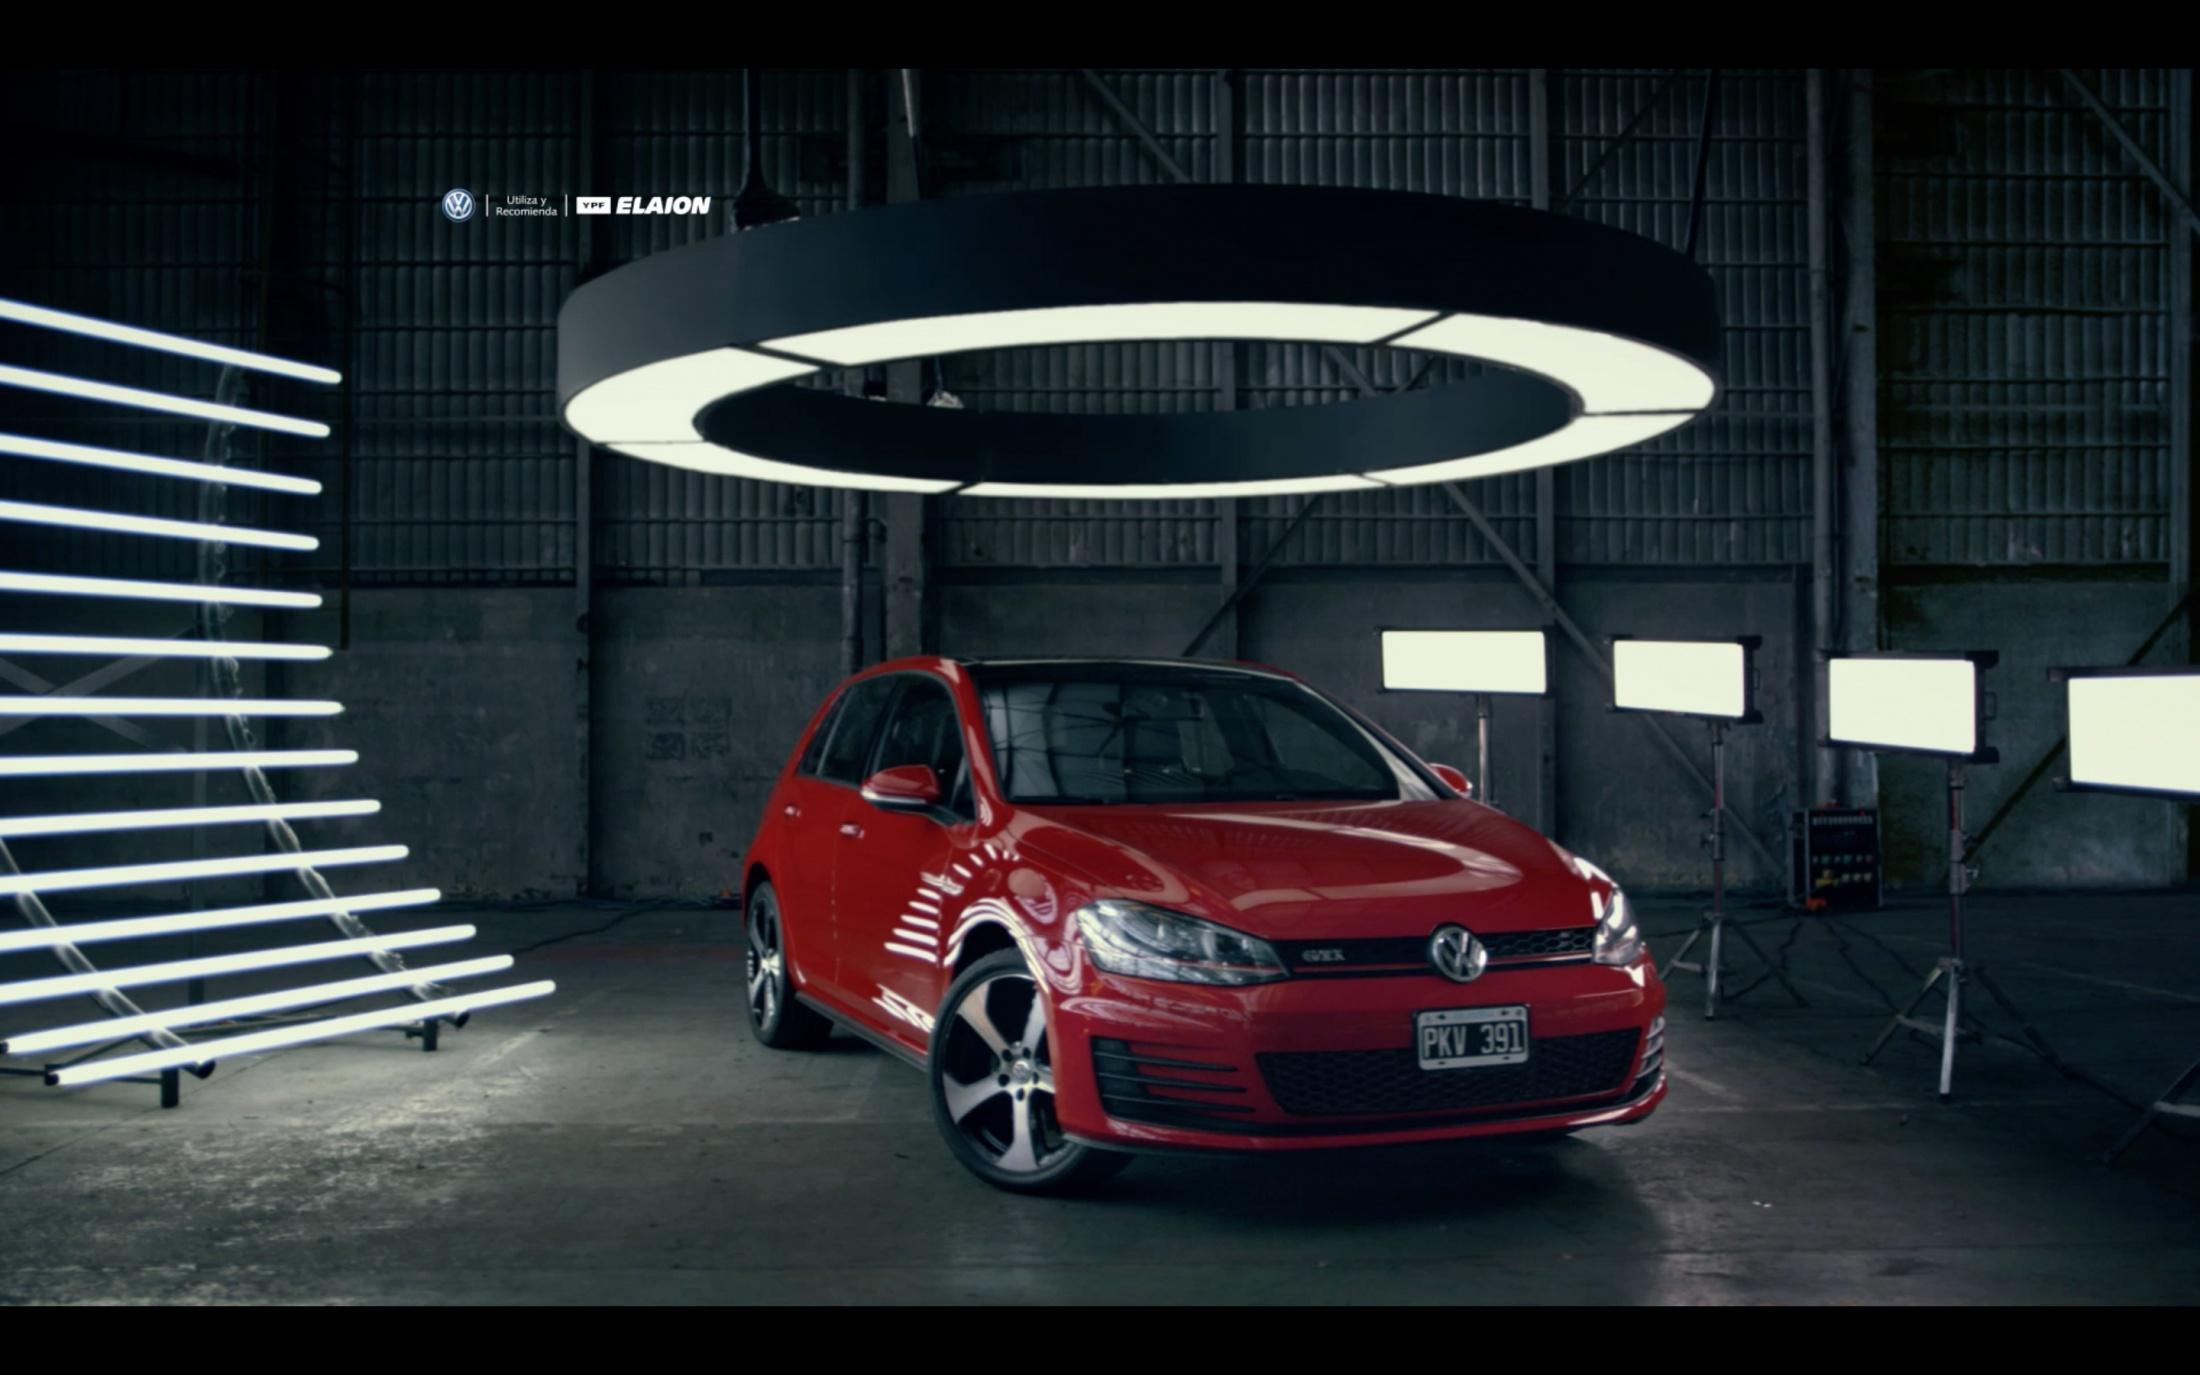 Thumbnail for Golf GTI - Fast Film - Teaser